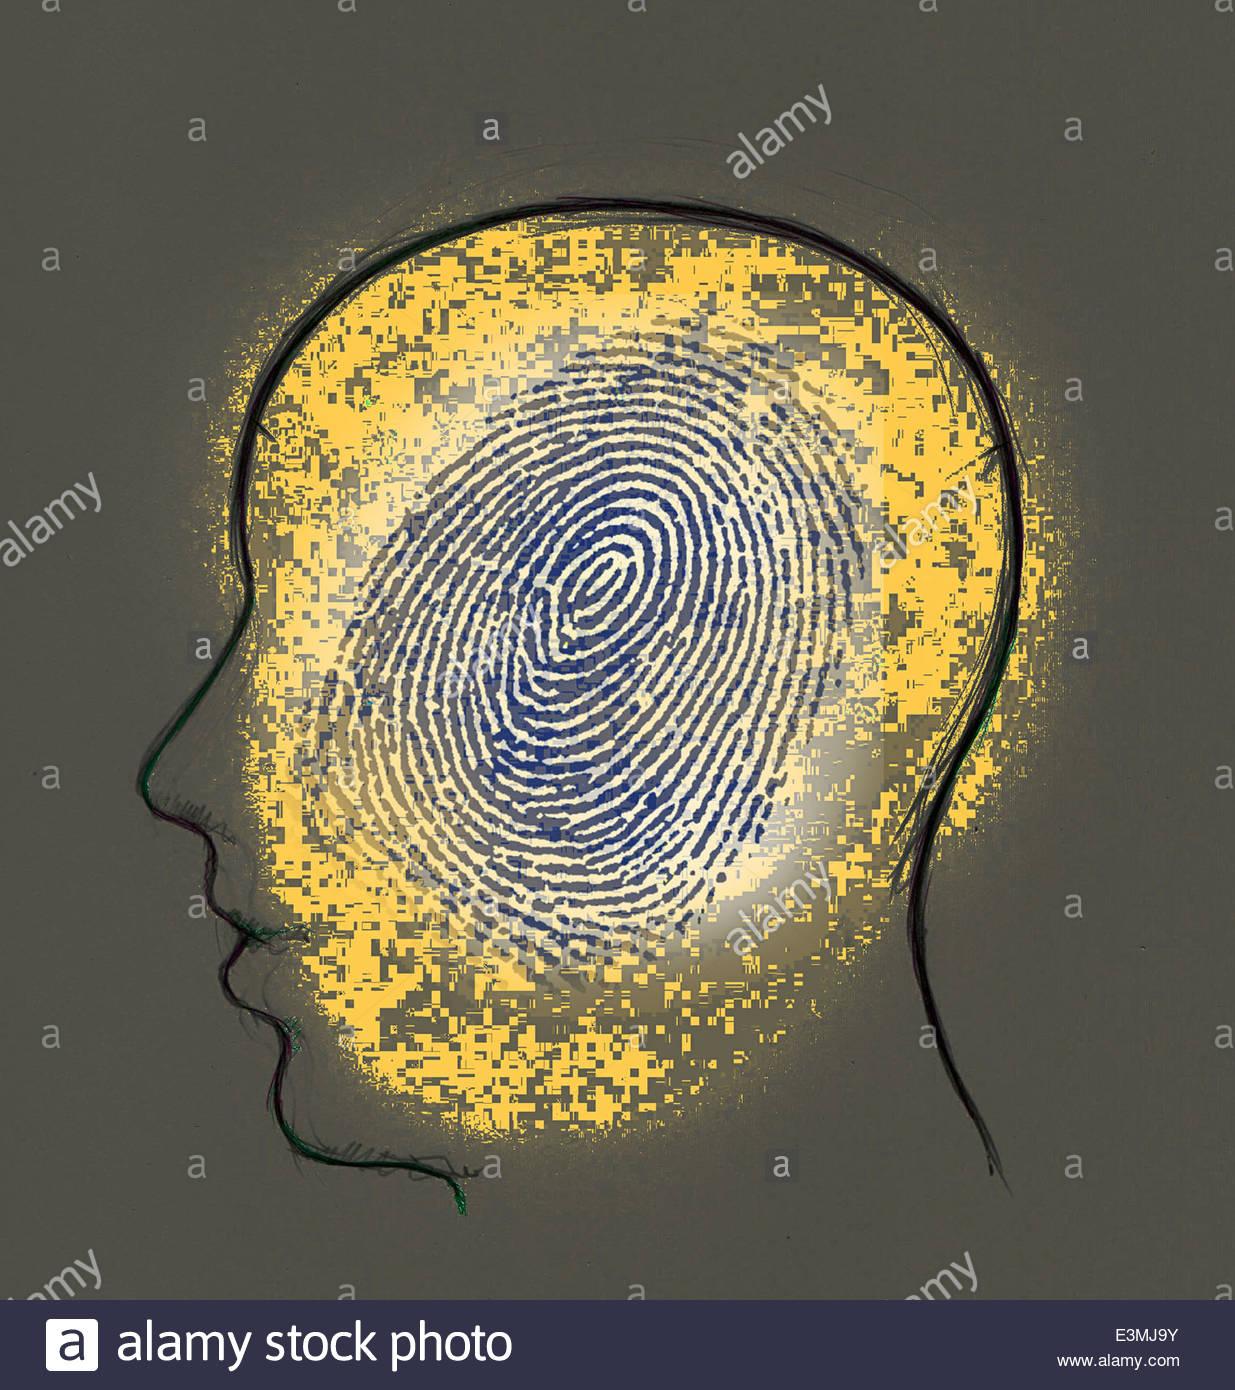 Fingerabdruck im Kopf des Mannes Stockbild